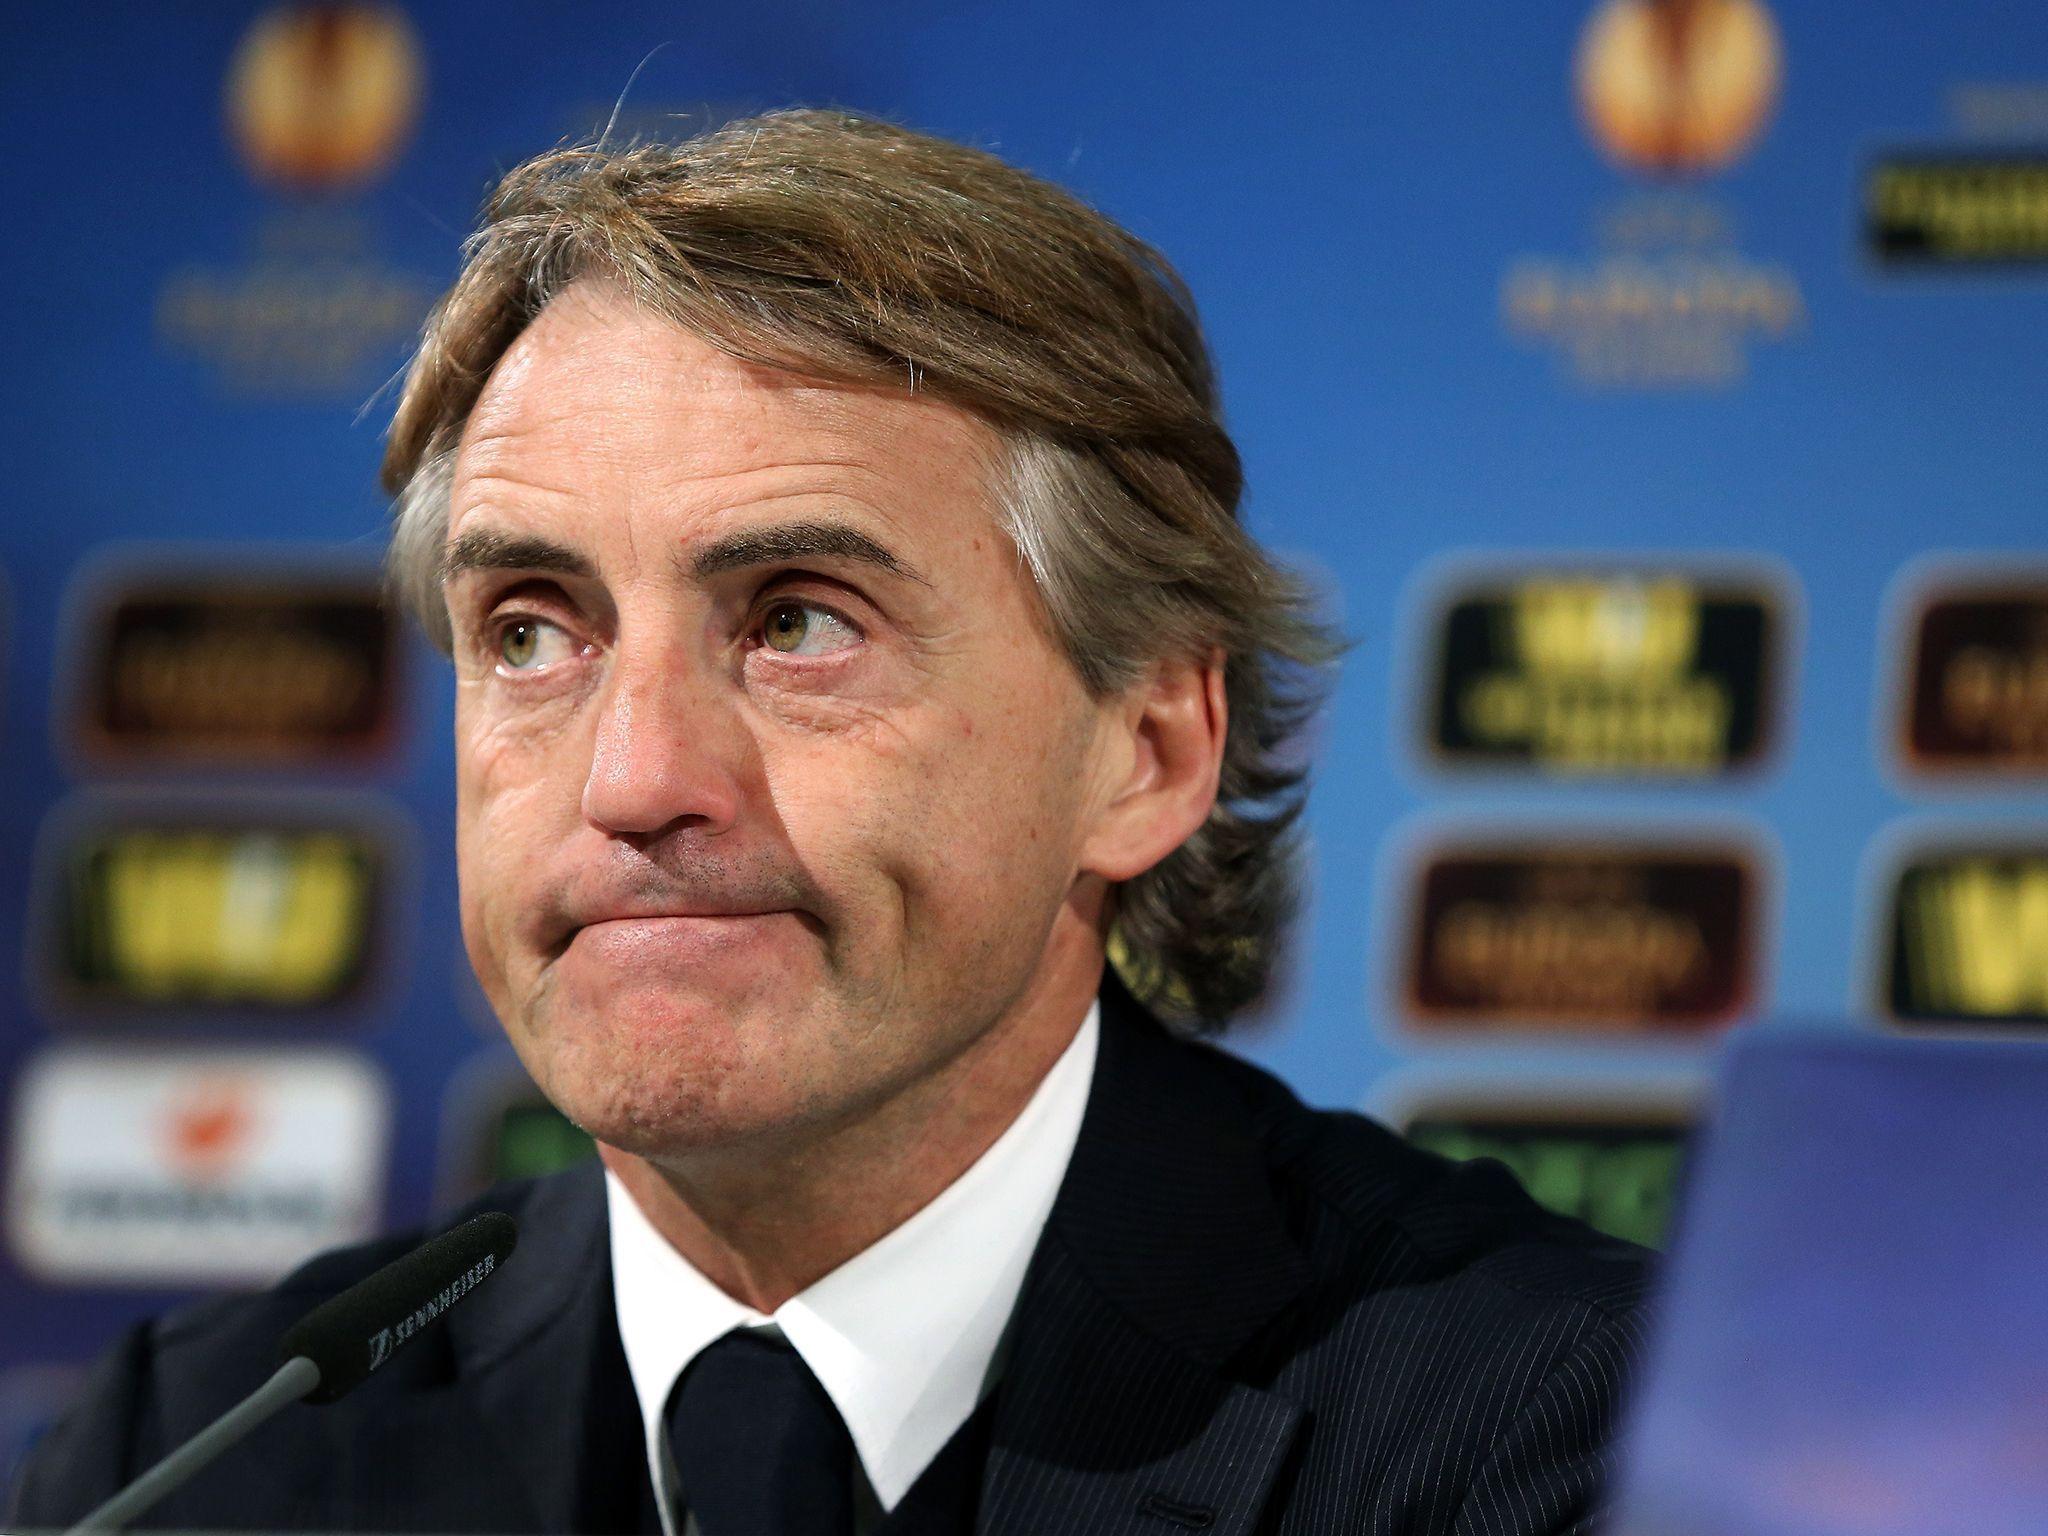 Calciomercato Milan: Mancini al posto di Montella?